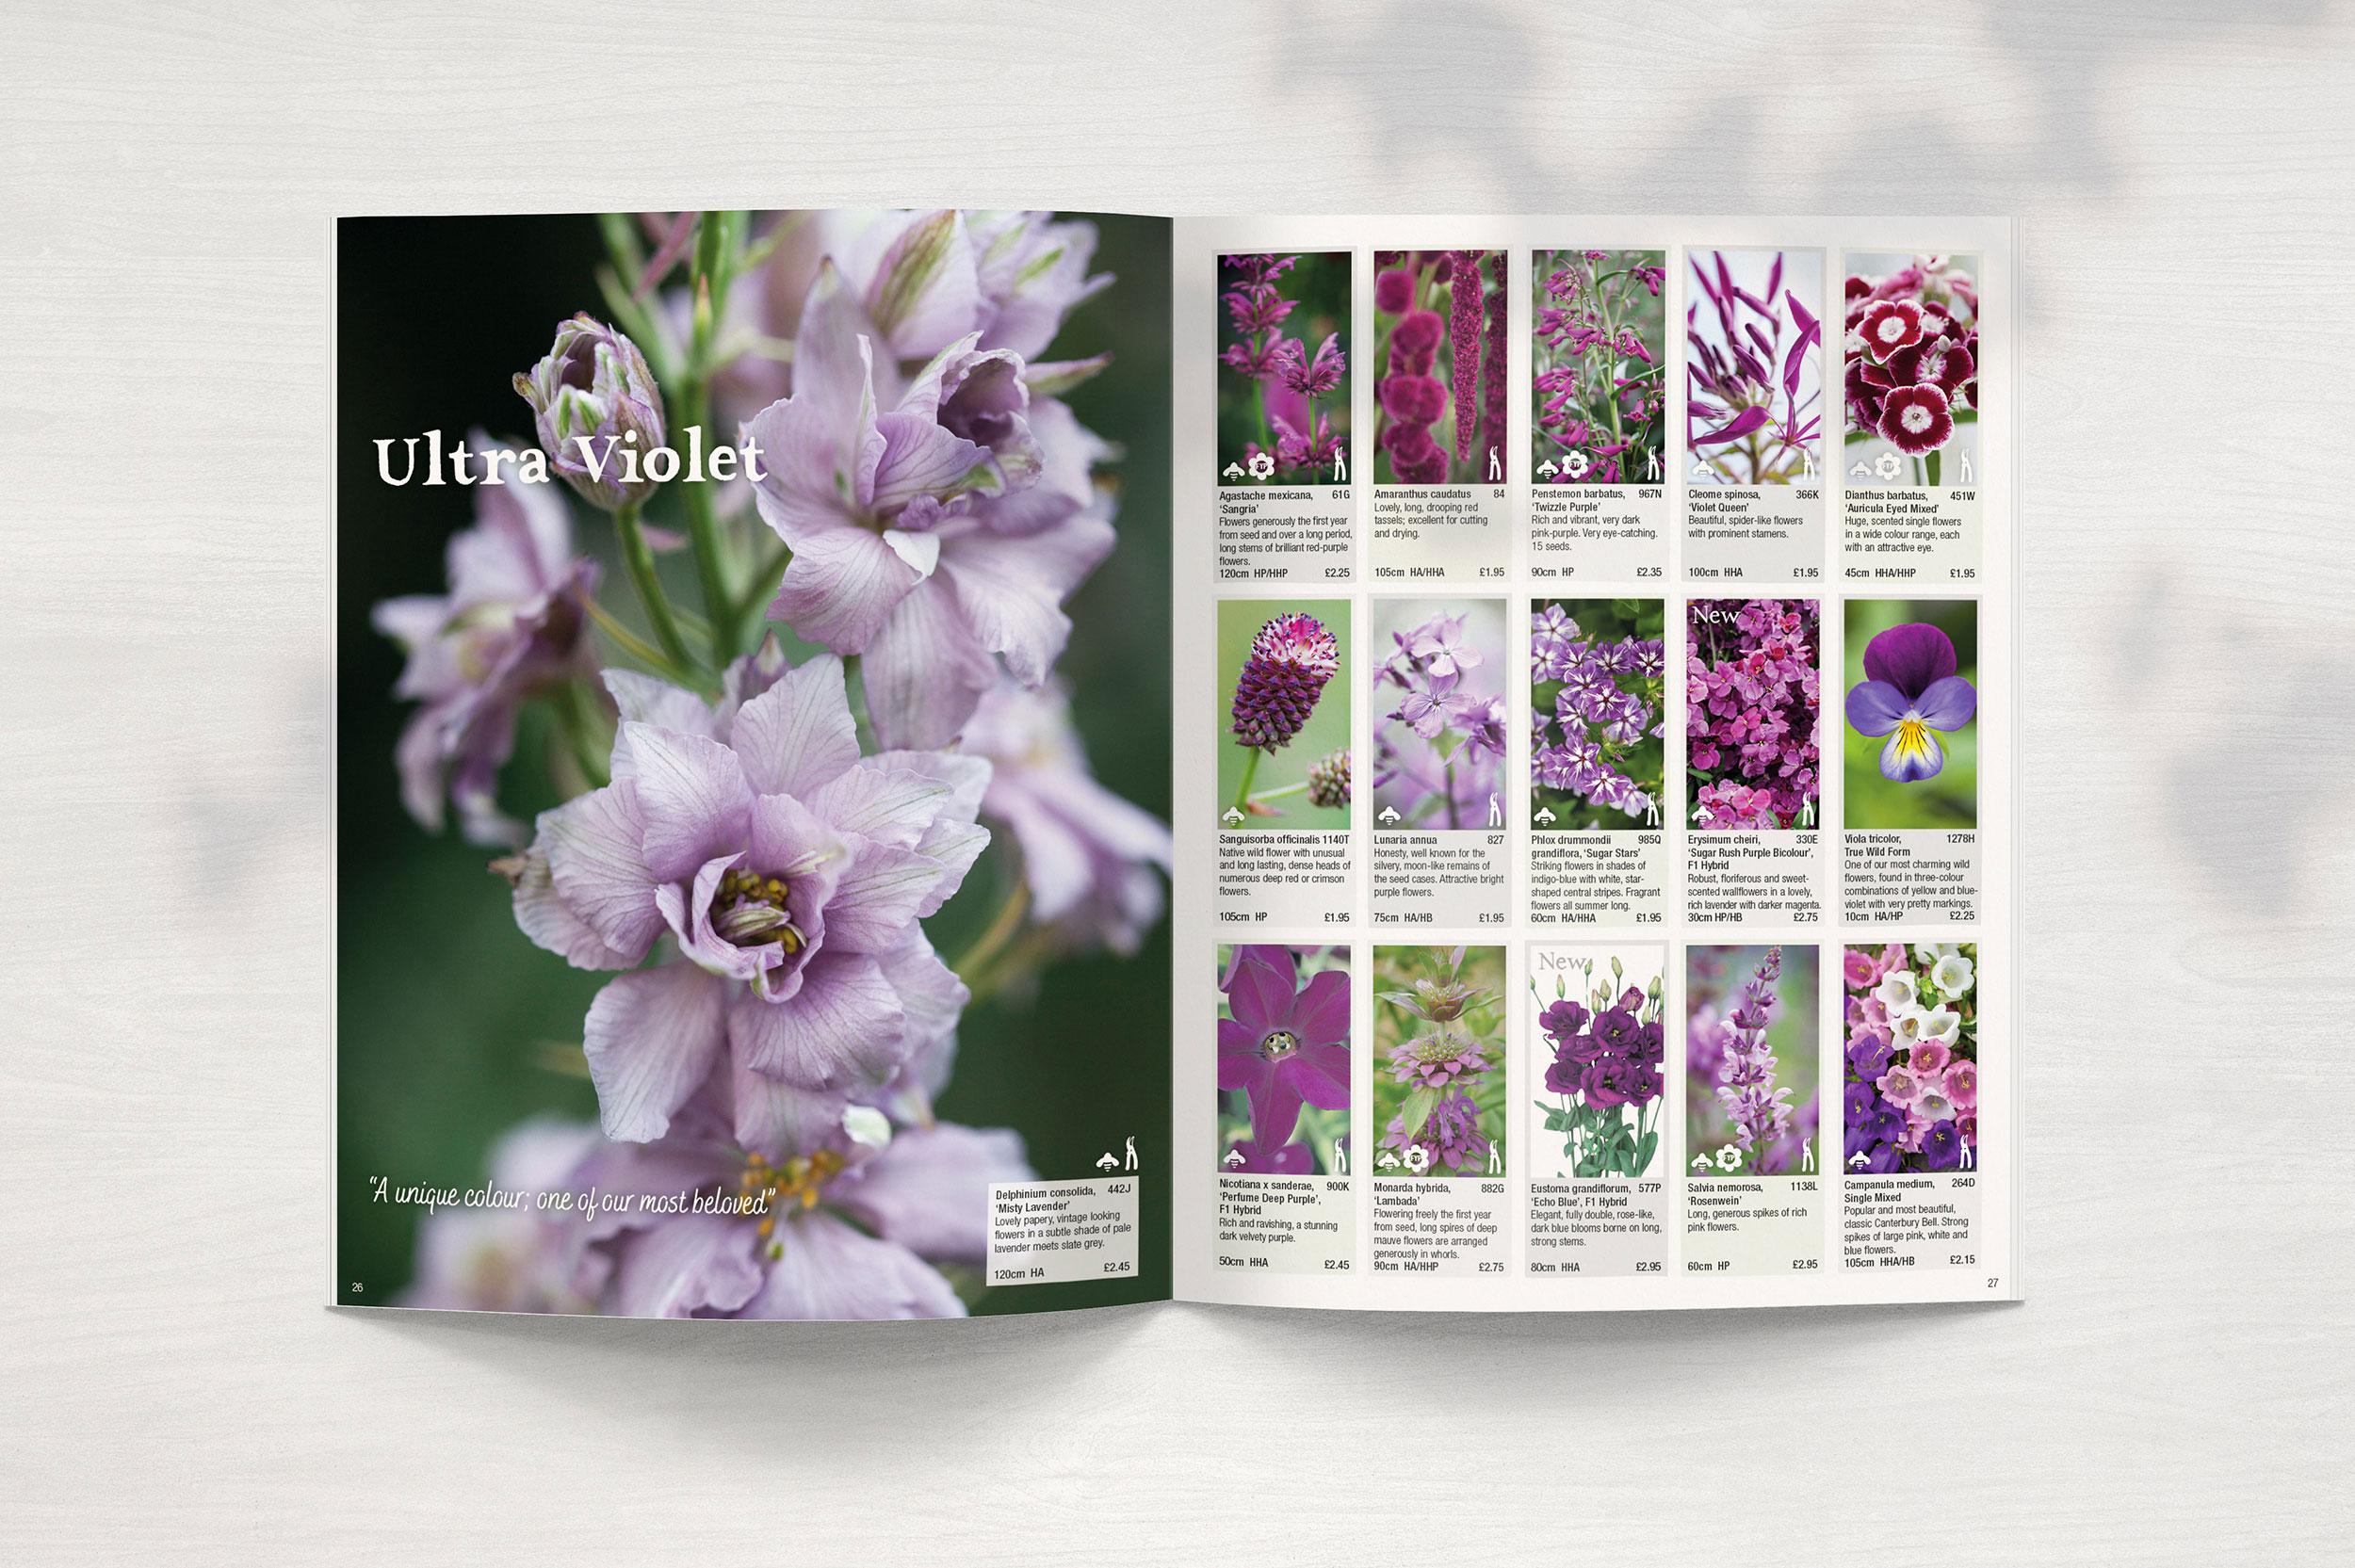 Purple Flower Seeds